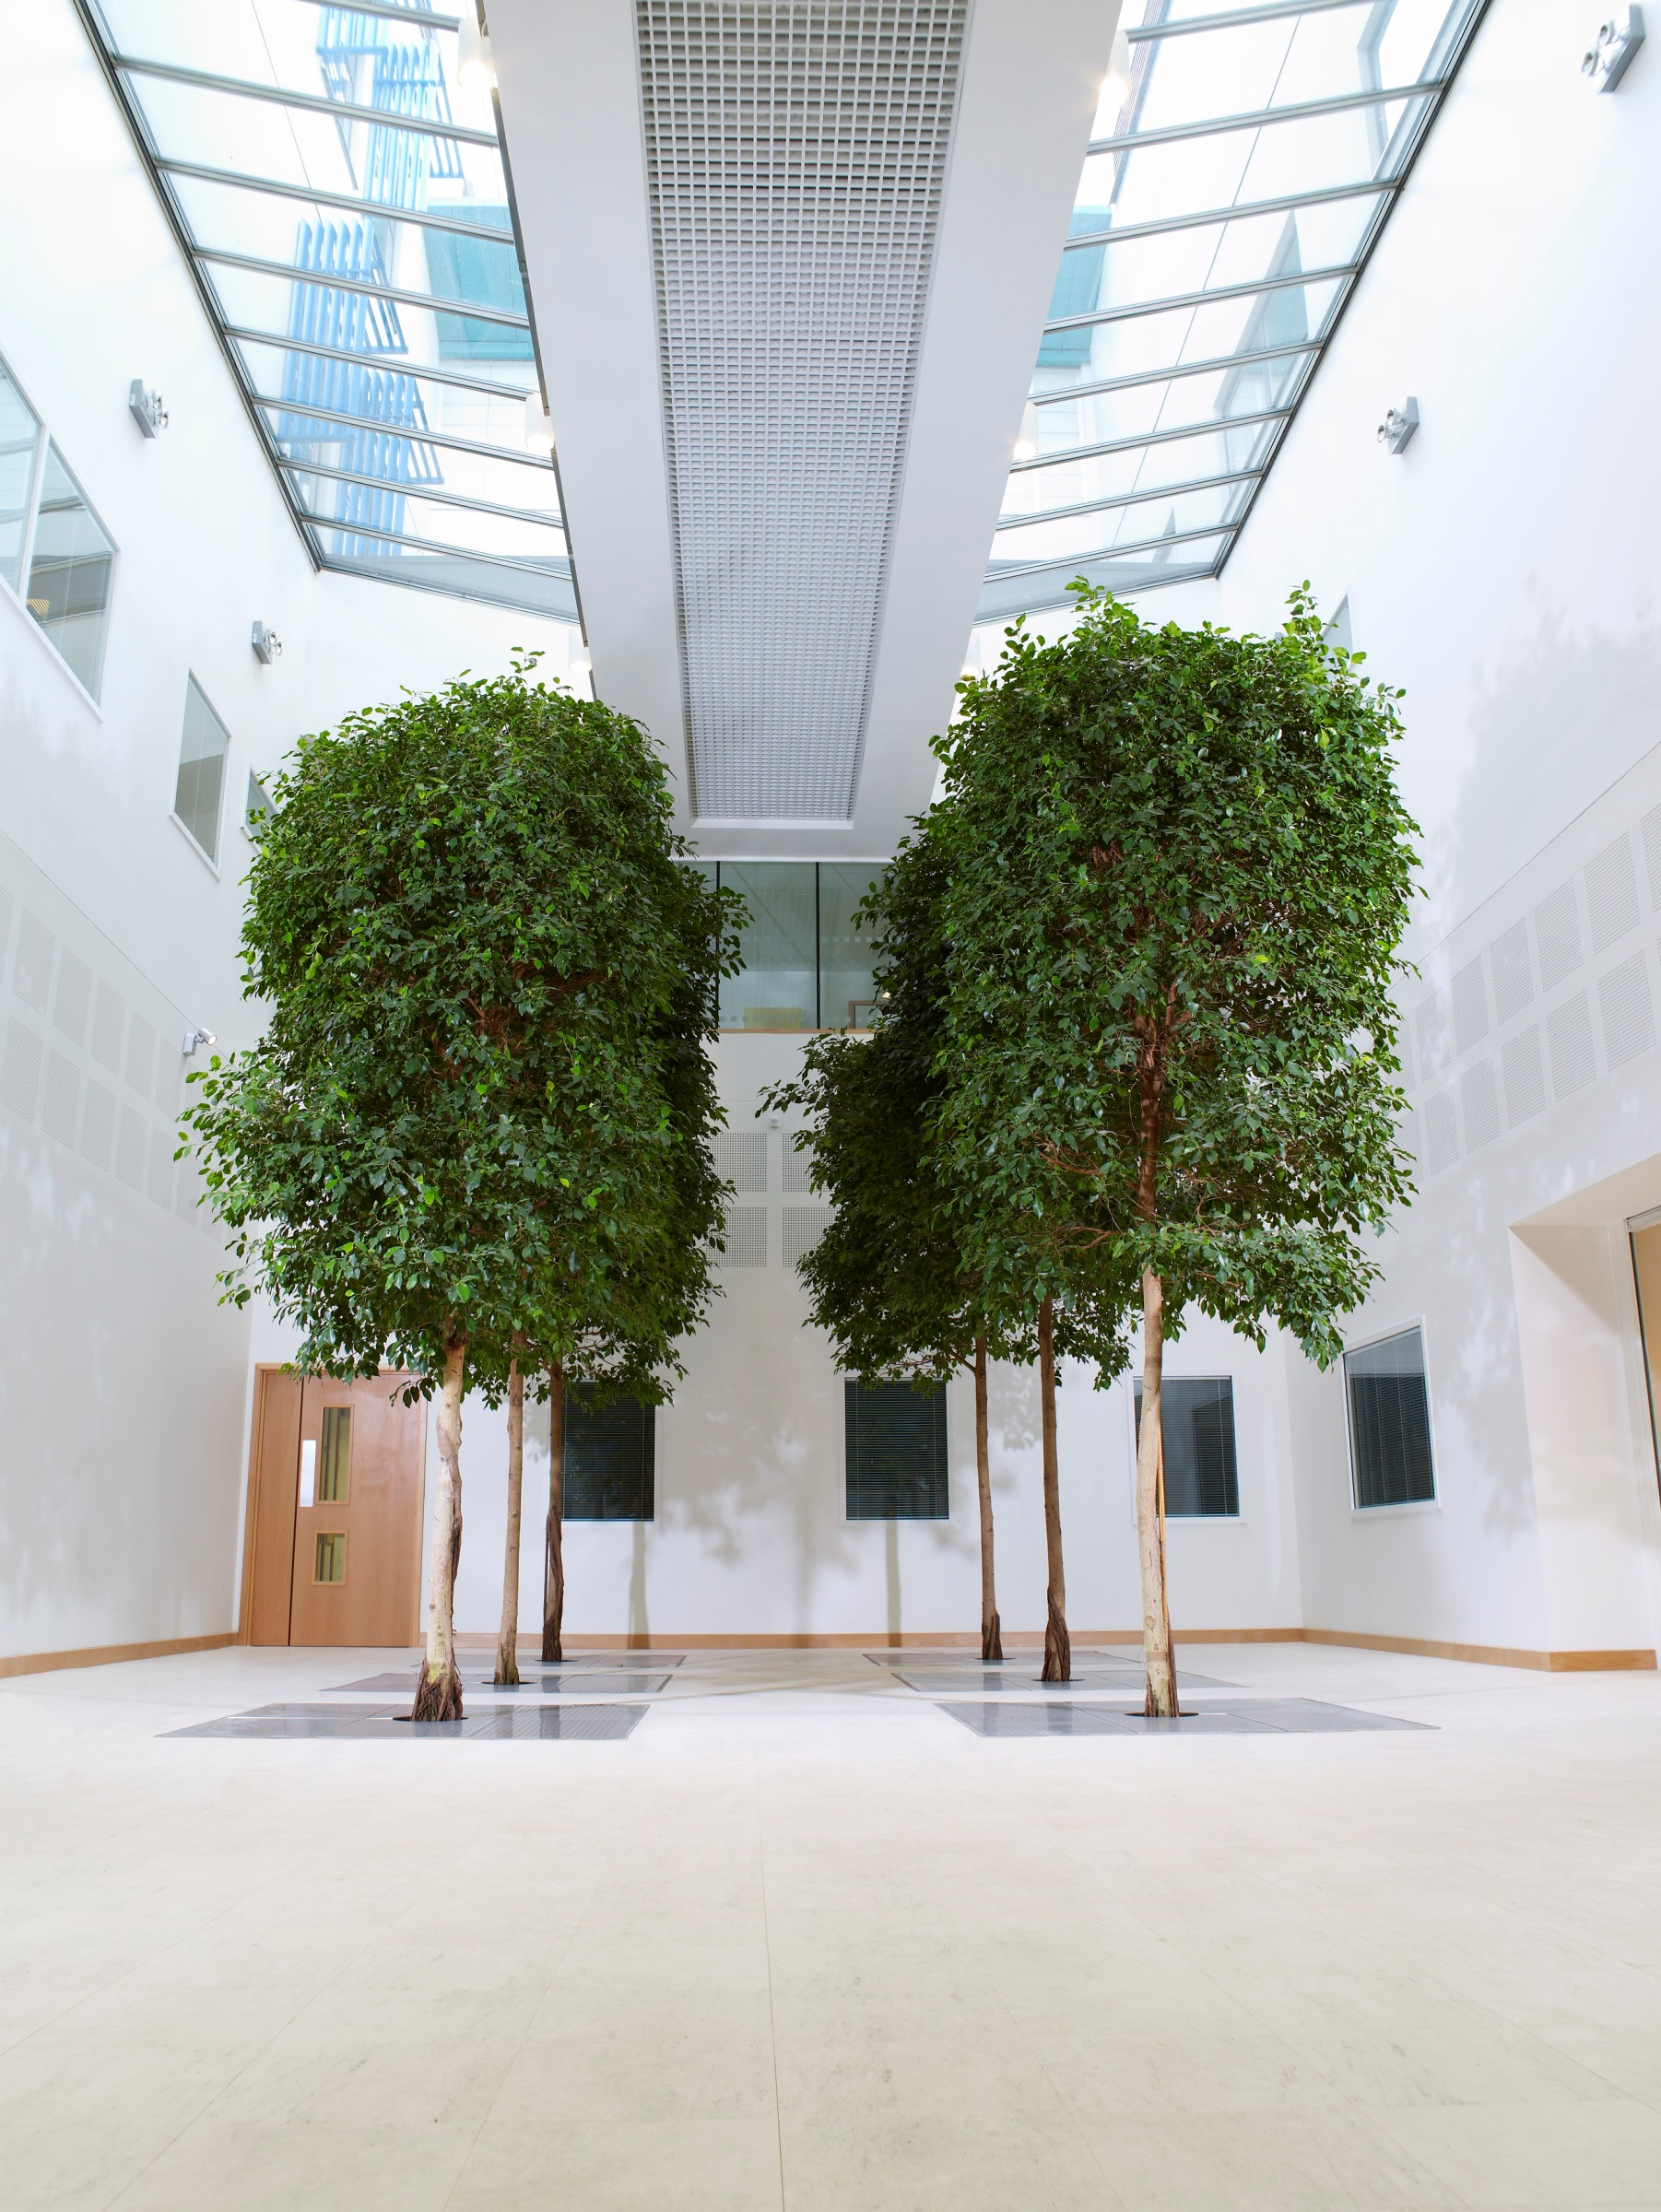 interior-trees-atrium-trees-large-trees.jpg